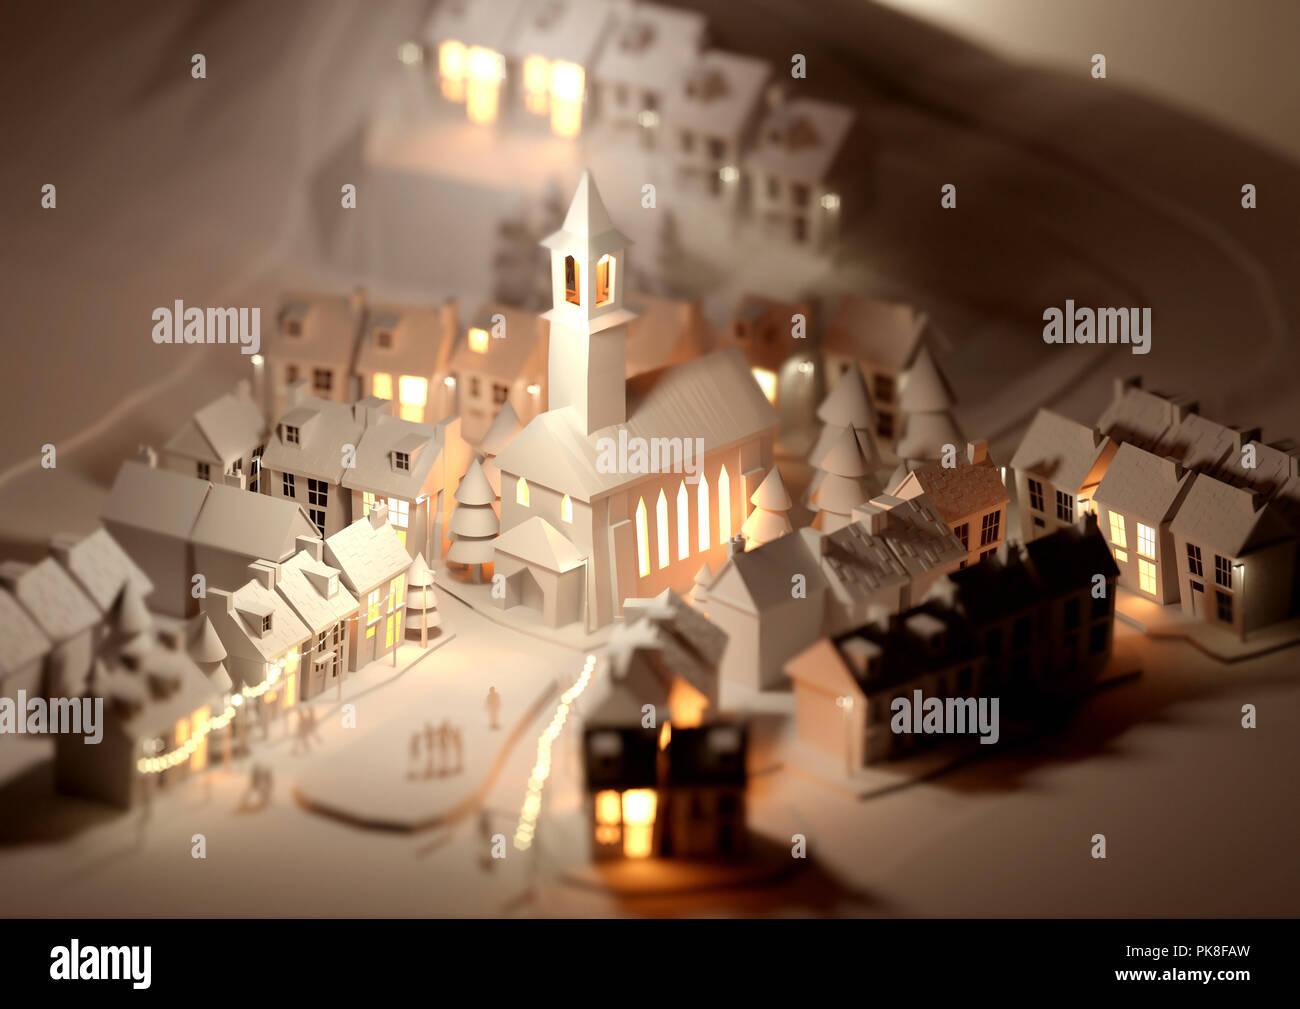 Ein Papiermodell vilage an Weihnachten mit leuchtenden Straßenlaternen. 3D-Darstellung. Stockbild